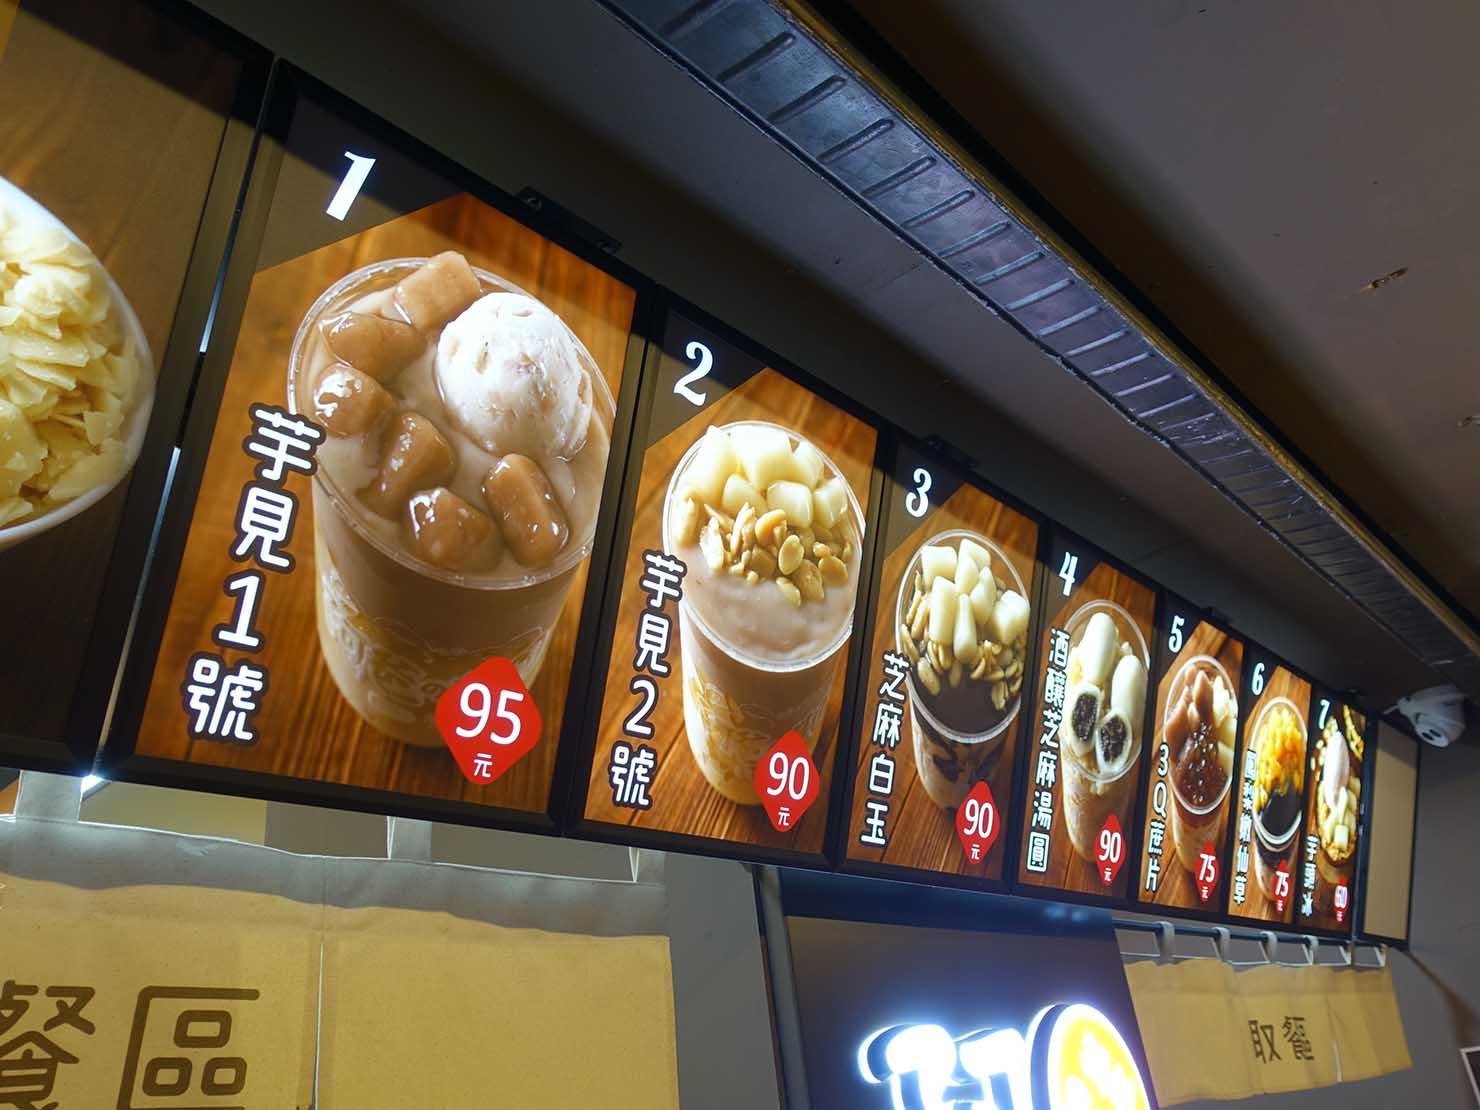 台北・西門町のおすすめひんやりスイーツ店「阿爸の芋圓」のメニュー写真